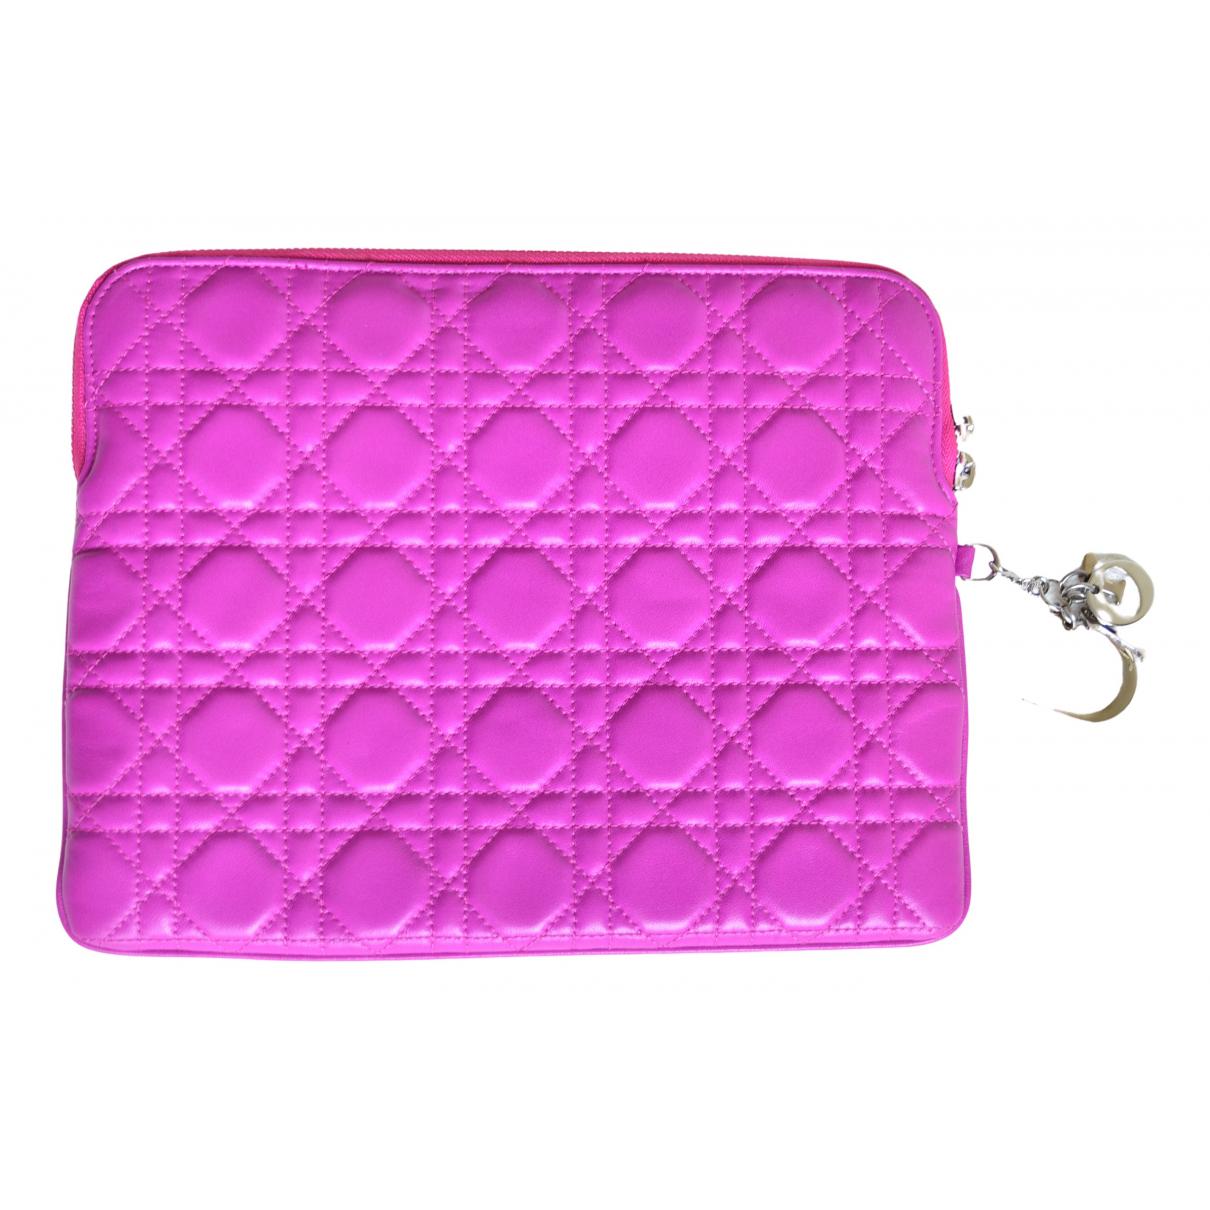 Dior - Accessoires   pour lifestyle en cuir - rose